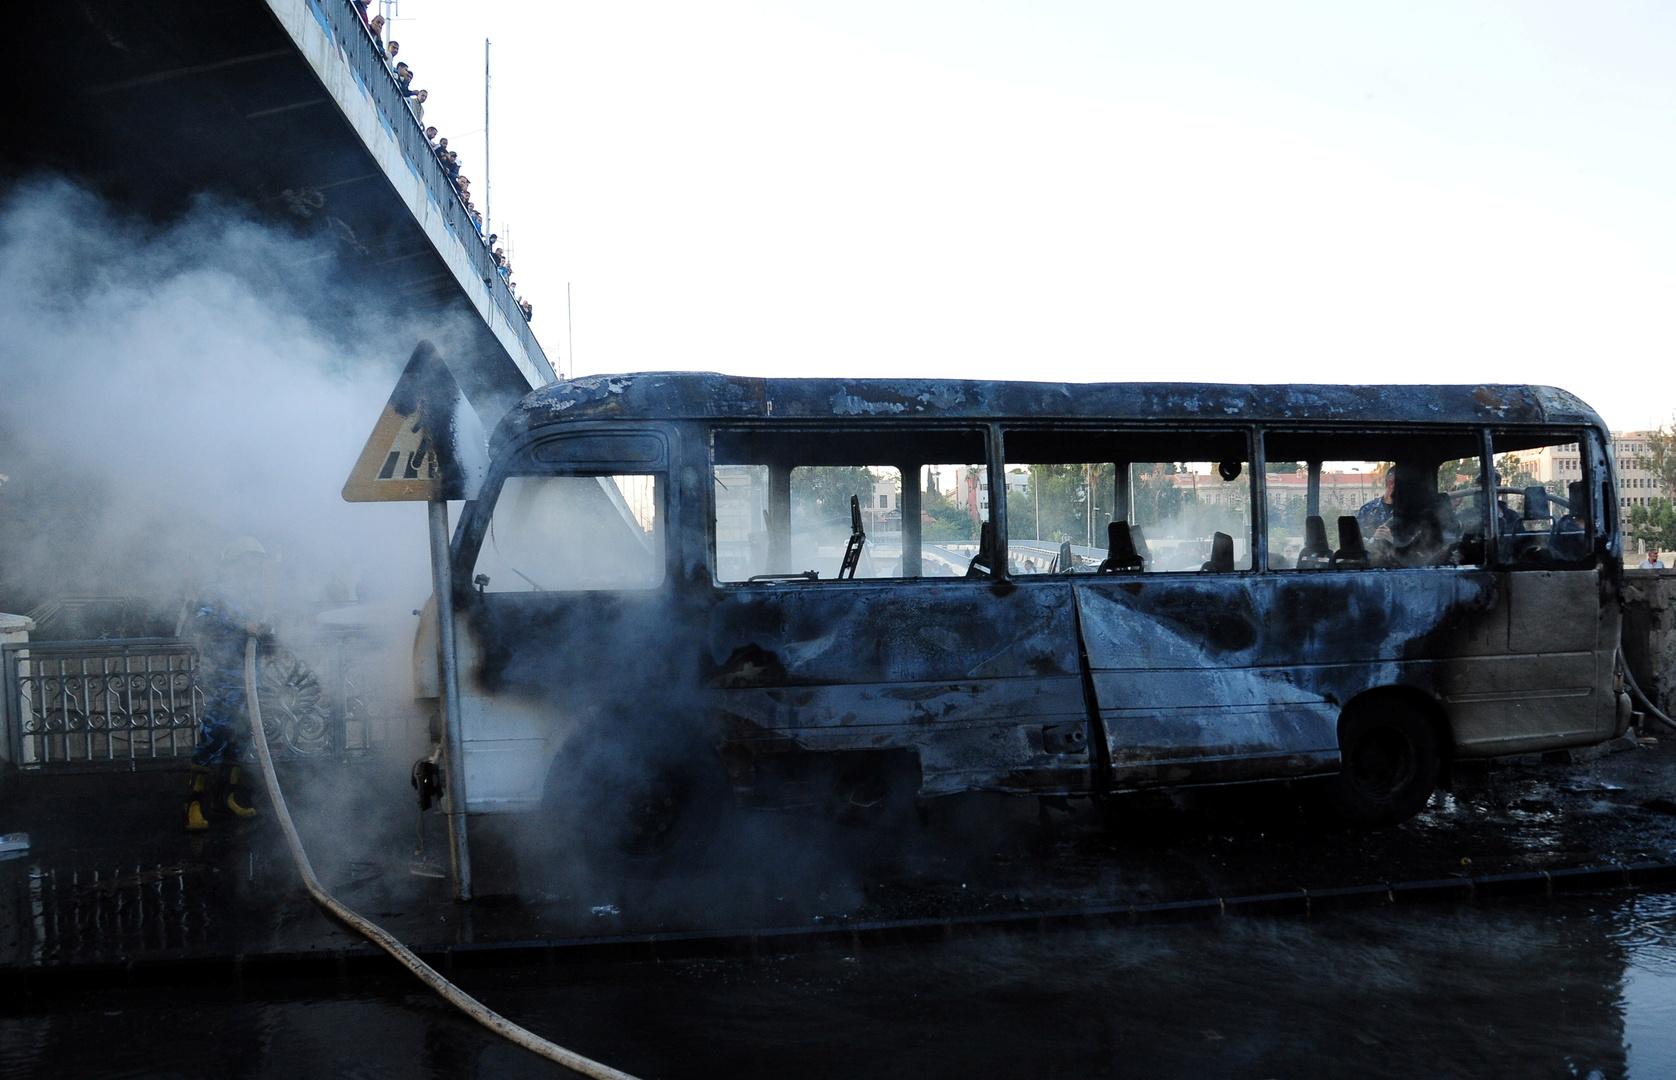 حافلة للجيش السوري تم استهدافها بتفجير عبوات ناسفة في دمشق يوم 20 أكتوبر.